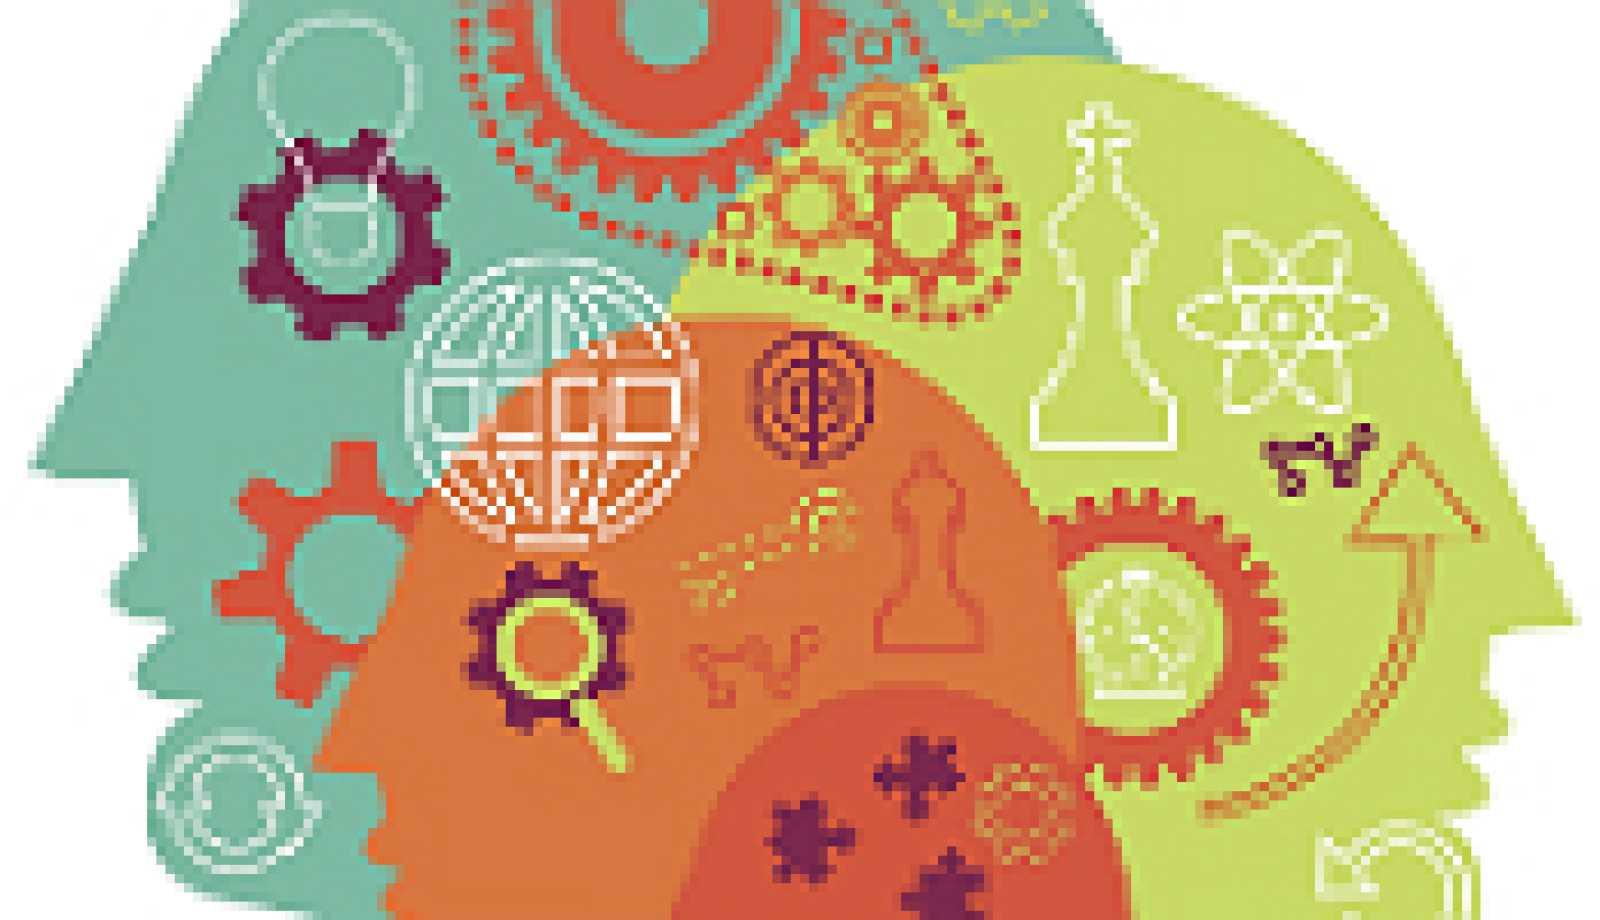 Espacio para la responsabilidad - La huella social de las empresas - 23/06/15 - Escuchar ahora